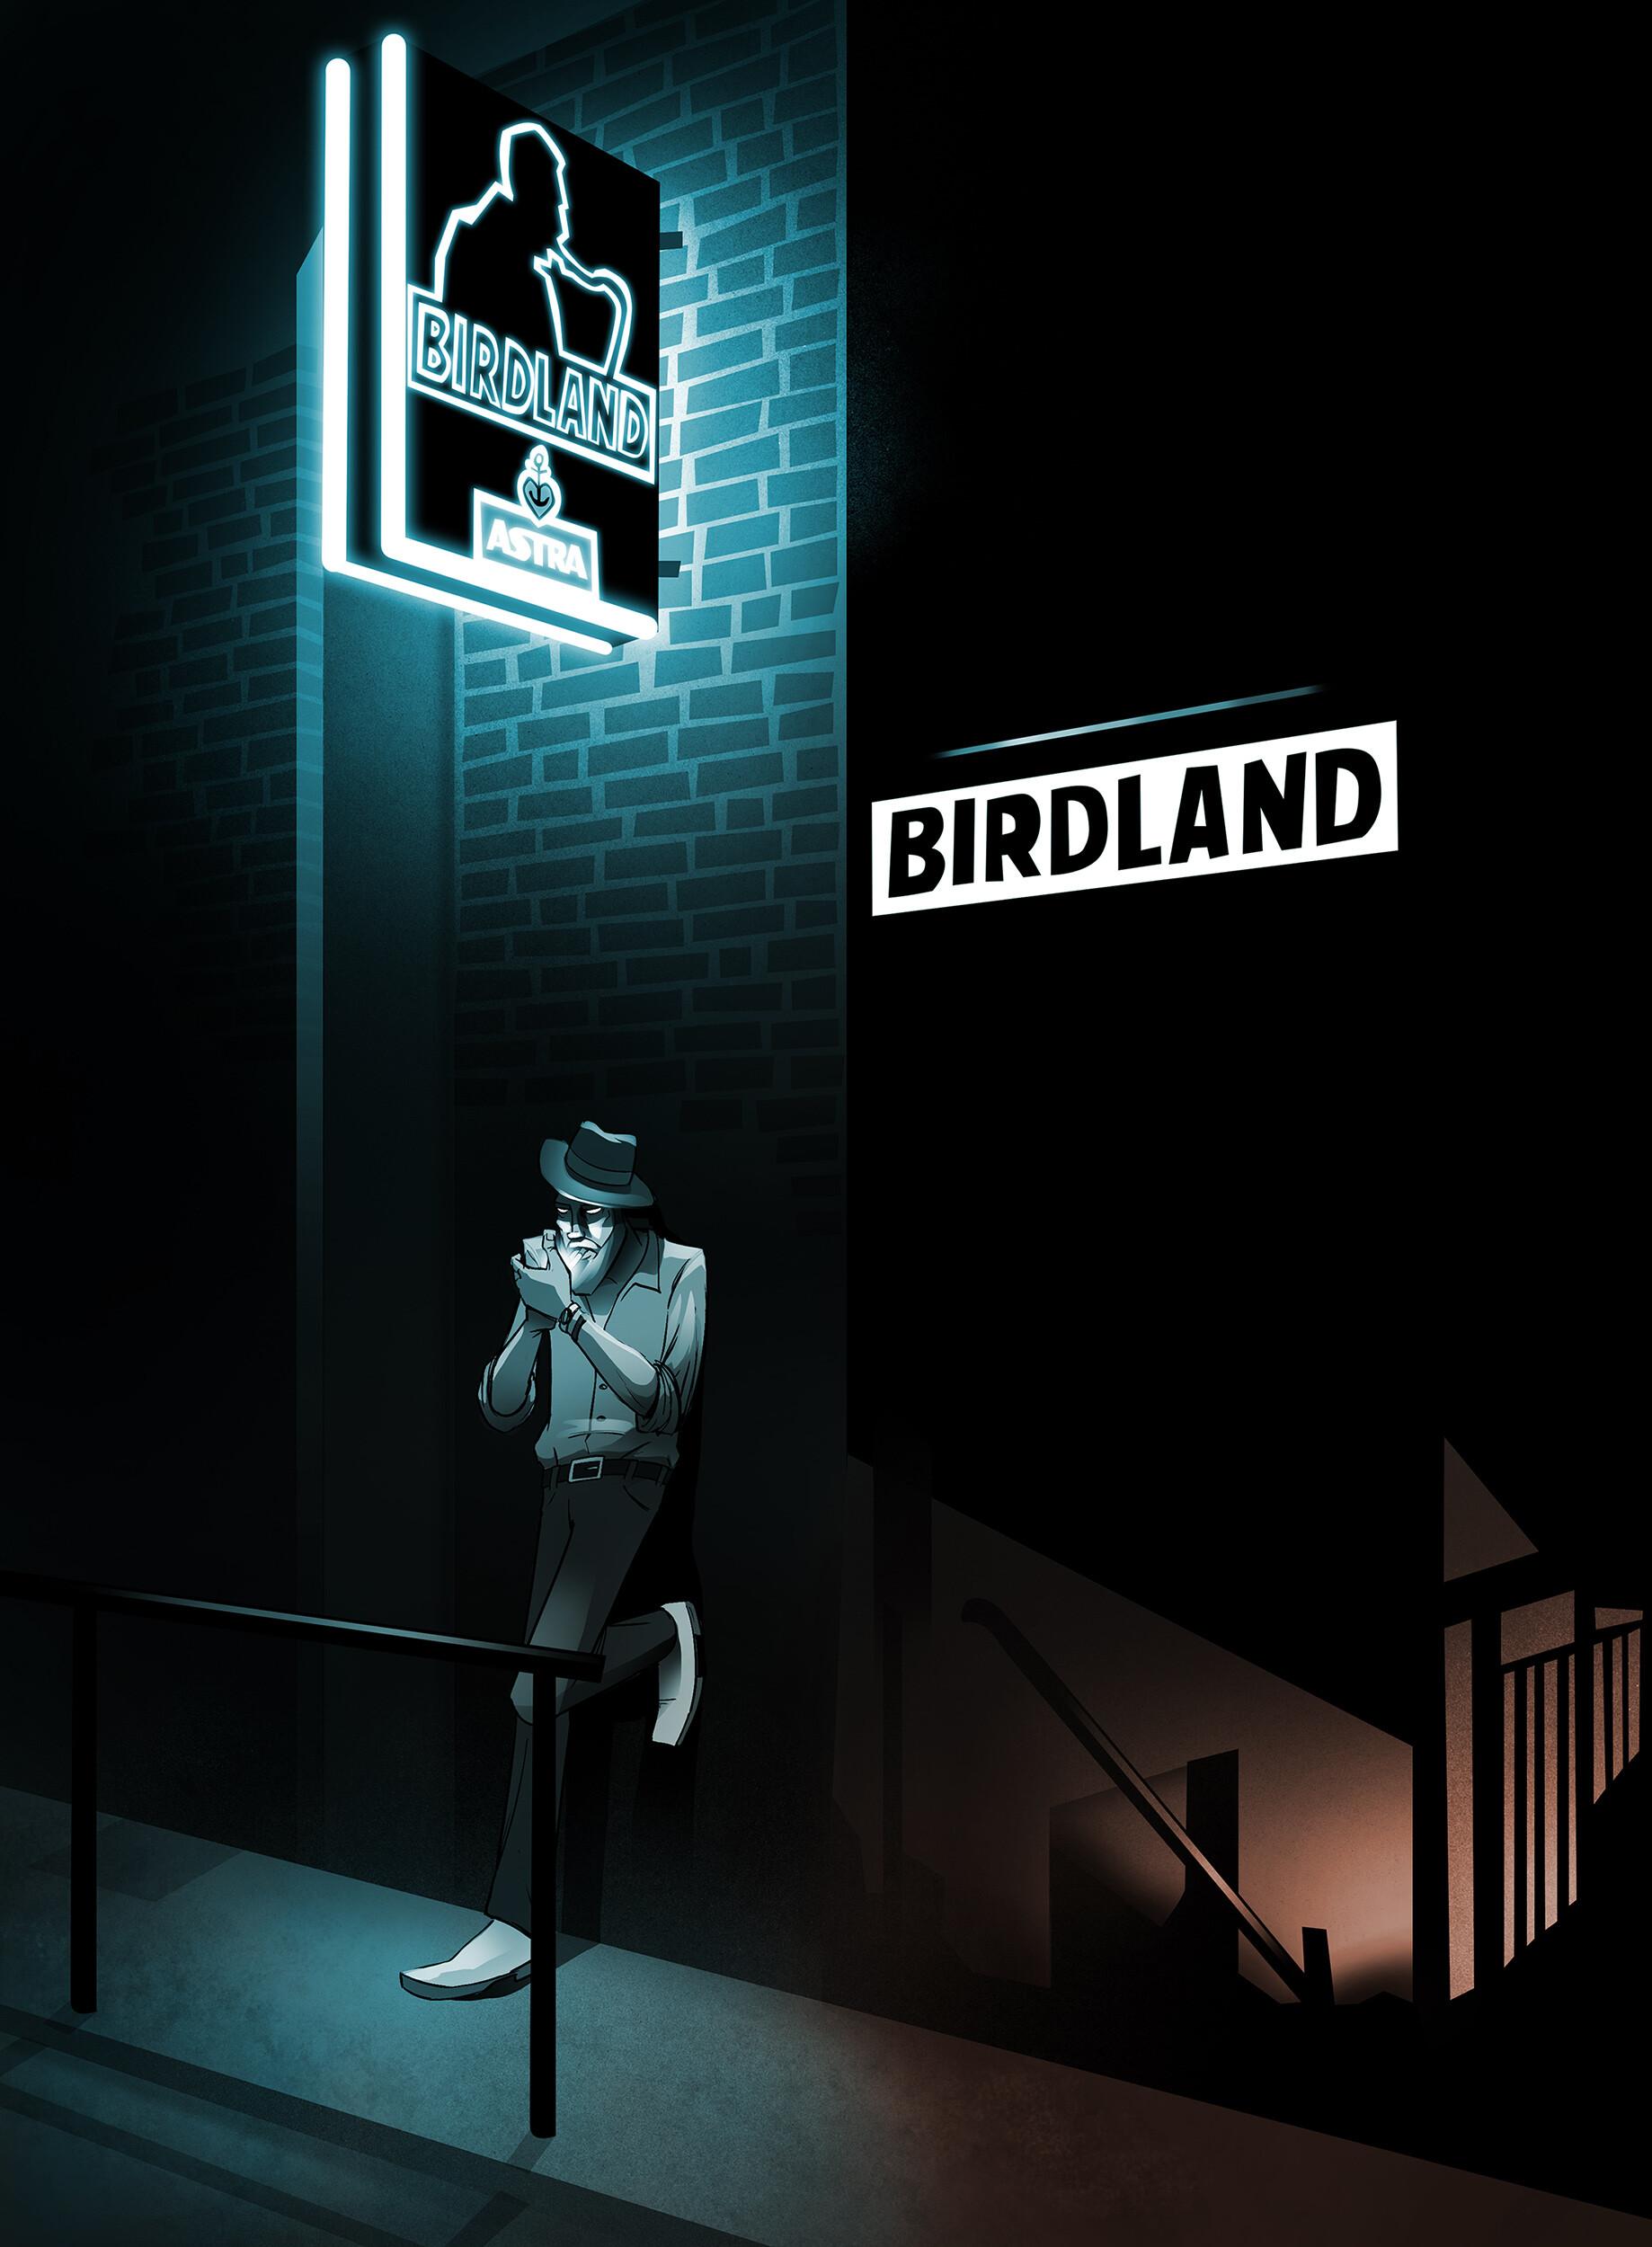 Martin fischer birdland 01